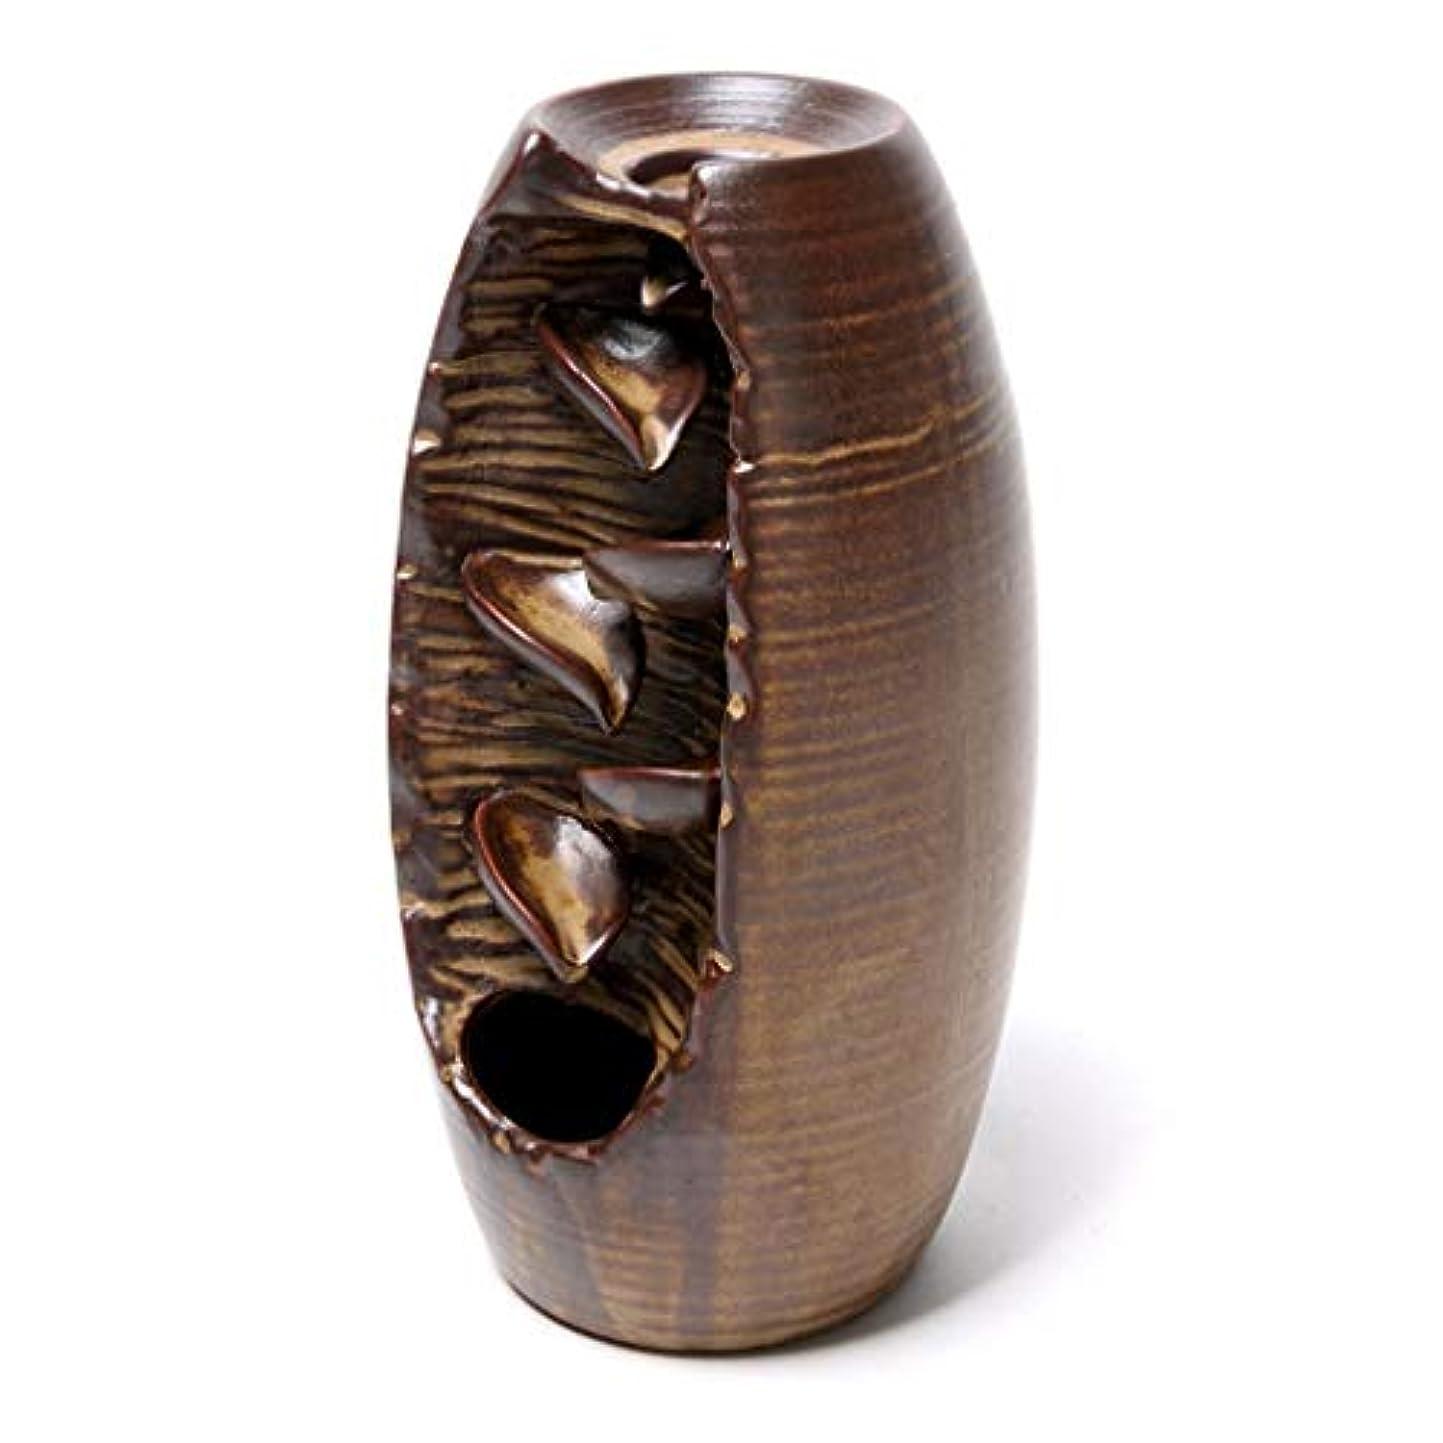 練る六分儀メロドラマティックセラミック逆流香炉逆流香ホルダーホームセラミックオフィス香コーンホルダーバーナーアロマセラピー炉 (Color : Brown, サイズ : 3.54*8.07 inches)